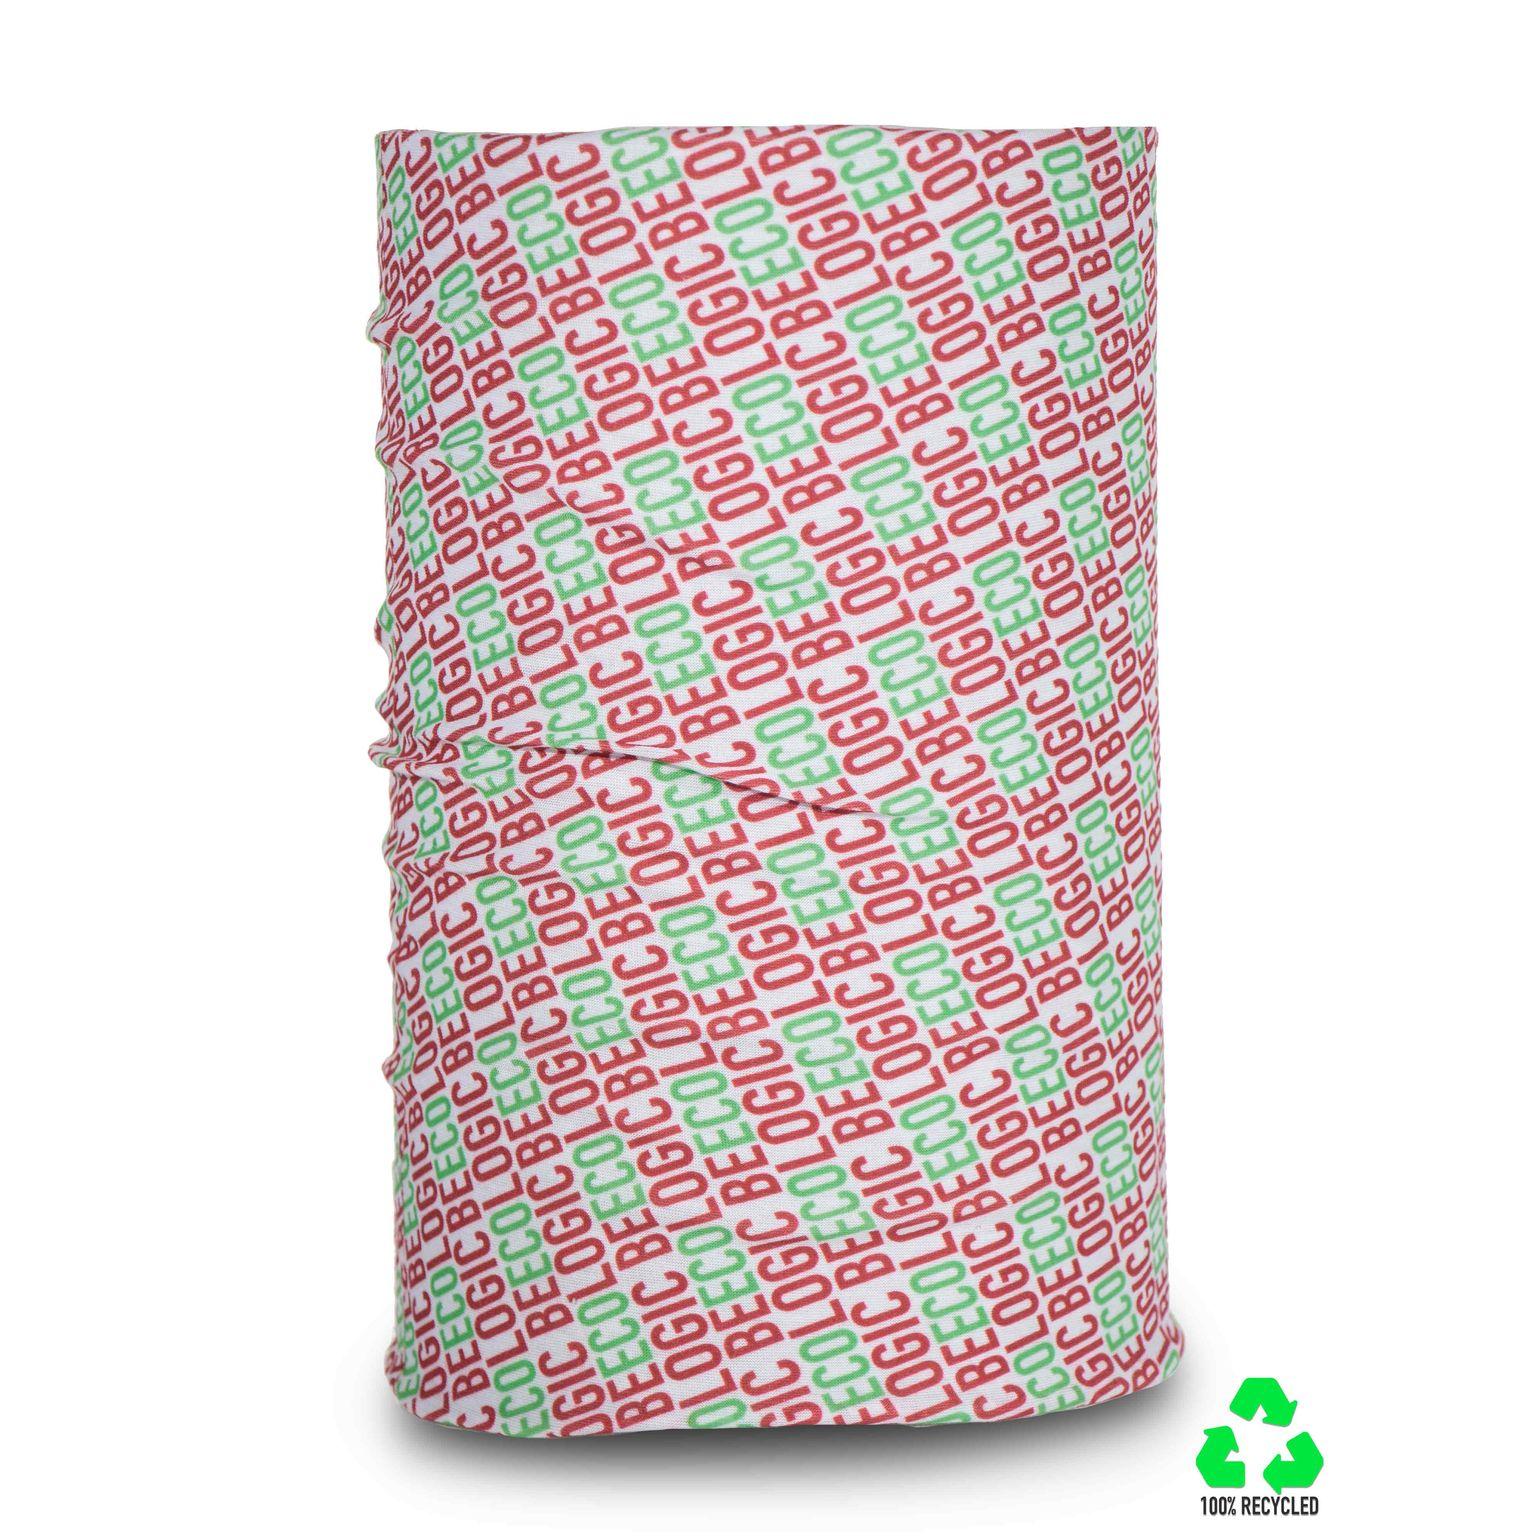 Tour de coup/Bandana tubulaire en 100% polyester recyclé RPET, Made in Italy